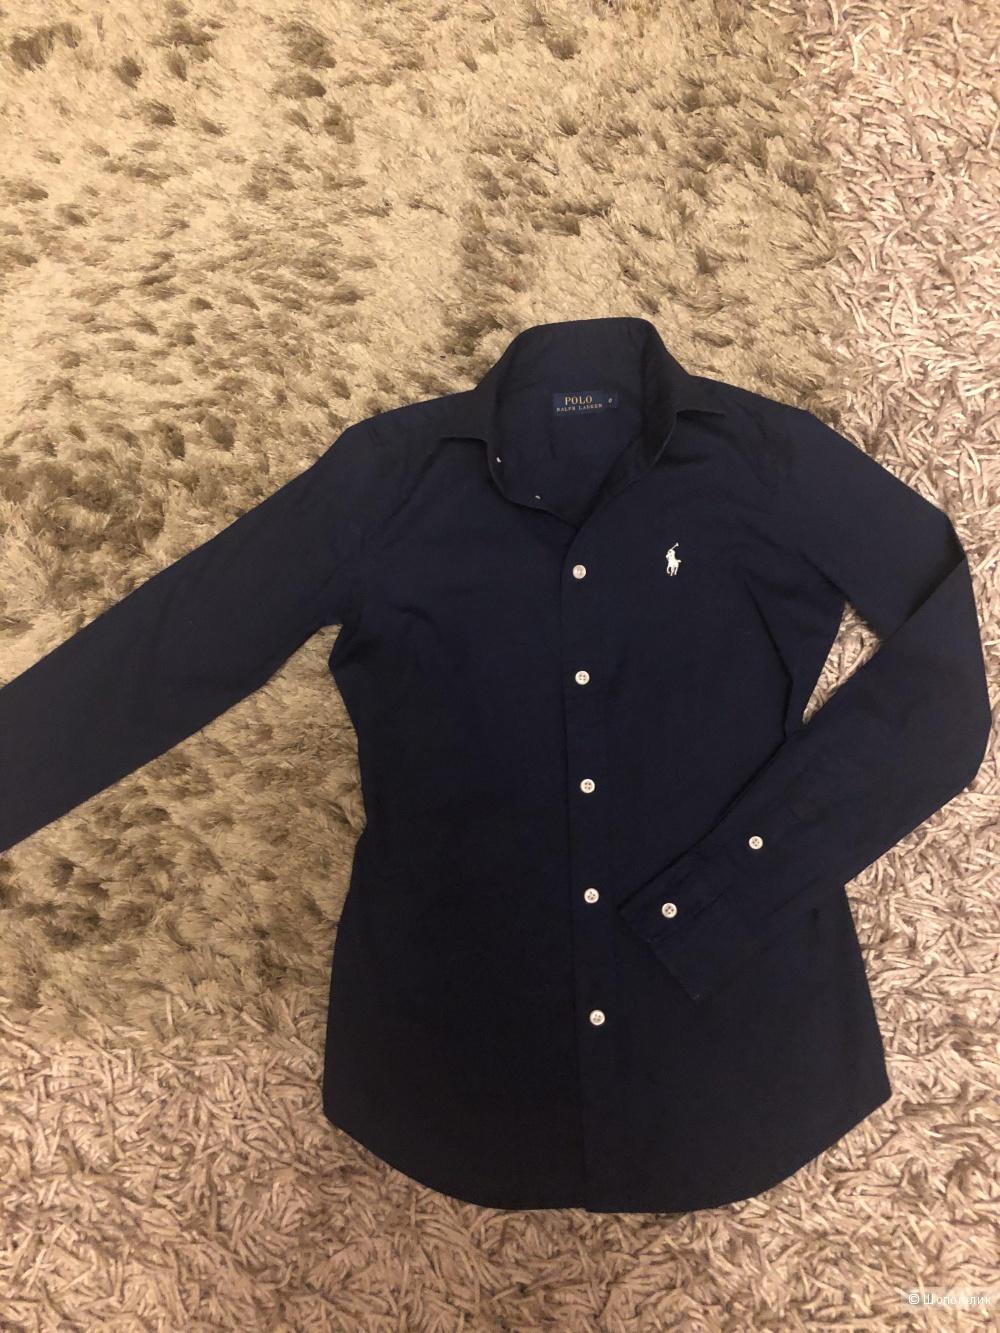 Рубашка Ralph Louren. Размер XS.